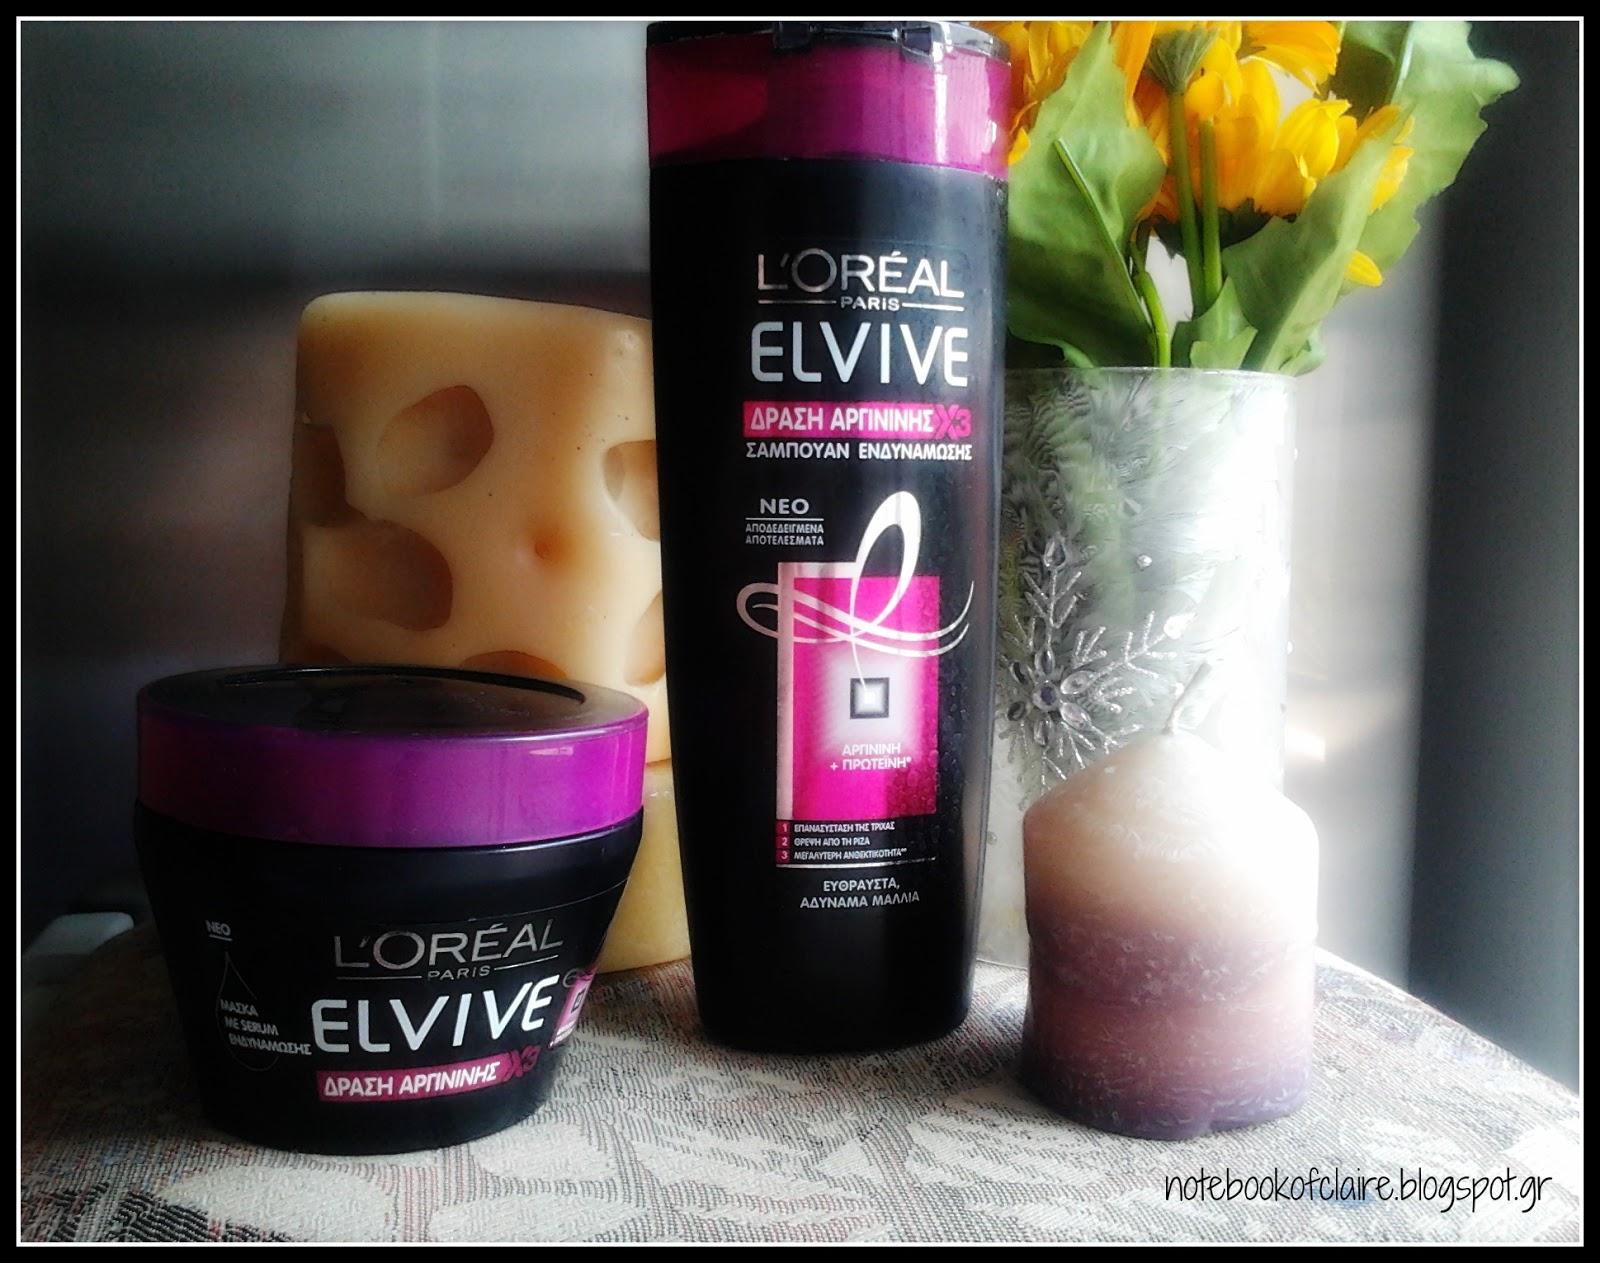 Η L oreal έχει βγάλει την σειρά Elvive Δράση Αργινίνης X3 για εύθραυστα  μαλλιά.. Από όλη την σειρά εγώ είχα το σαμπουάν και την μάσκα 3b2a47b87d9